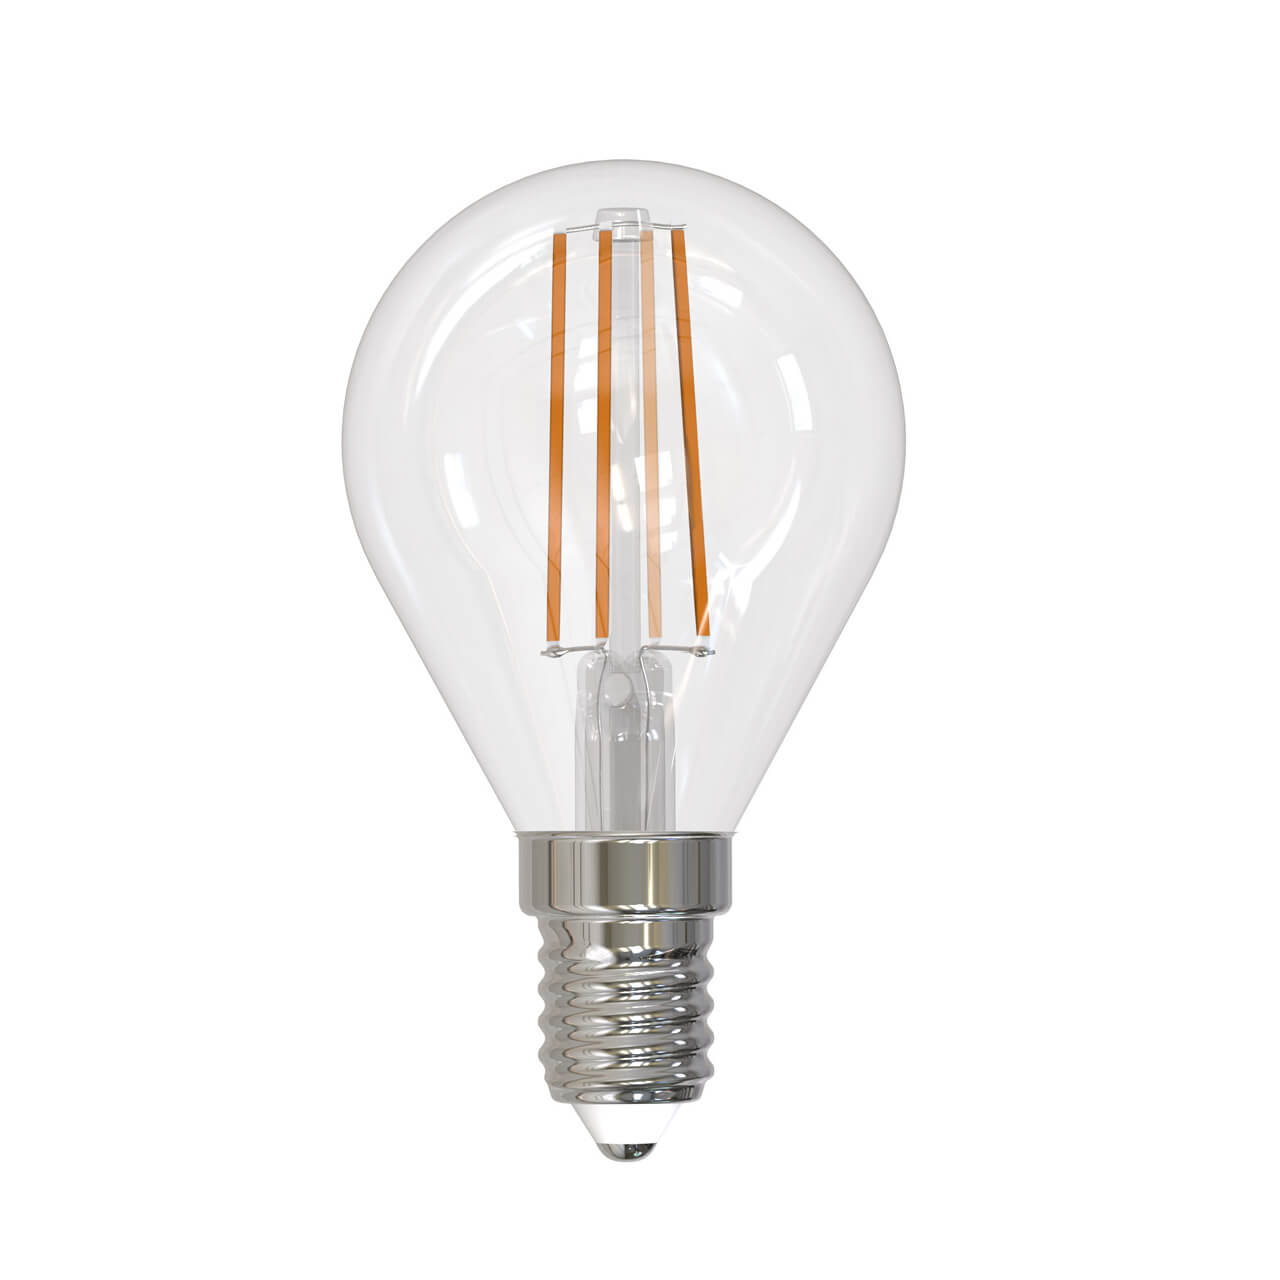 Лампочка Uniel LED-G45-9W/3000K/E14/CL/DIM GLA01TR LED-G45 лампочка uniel led g45 9w 3000k e27 cl pls02wh led g45